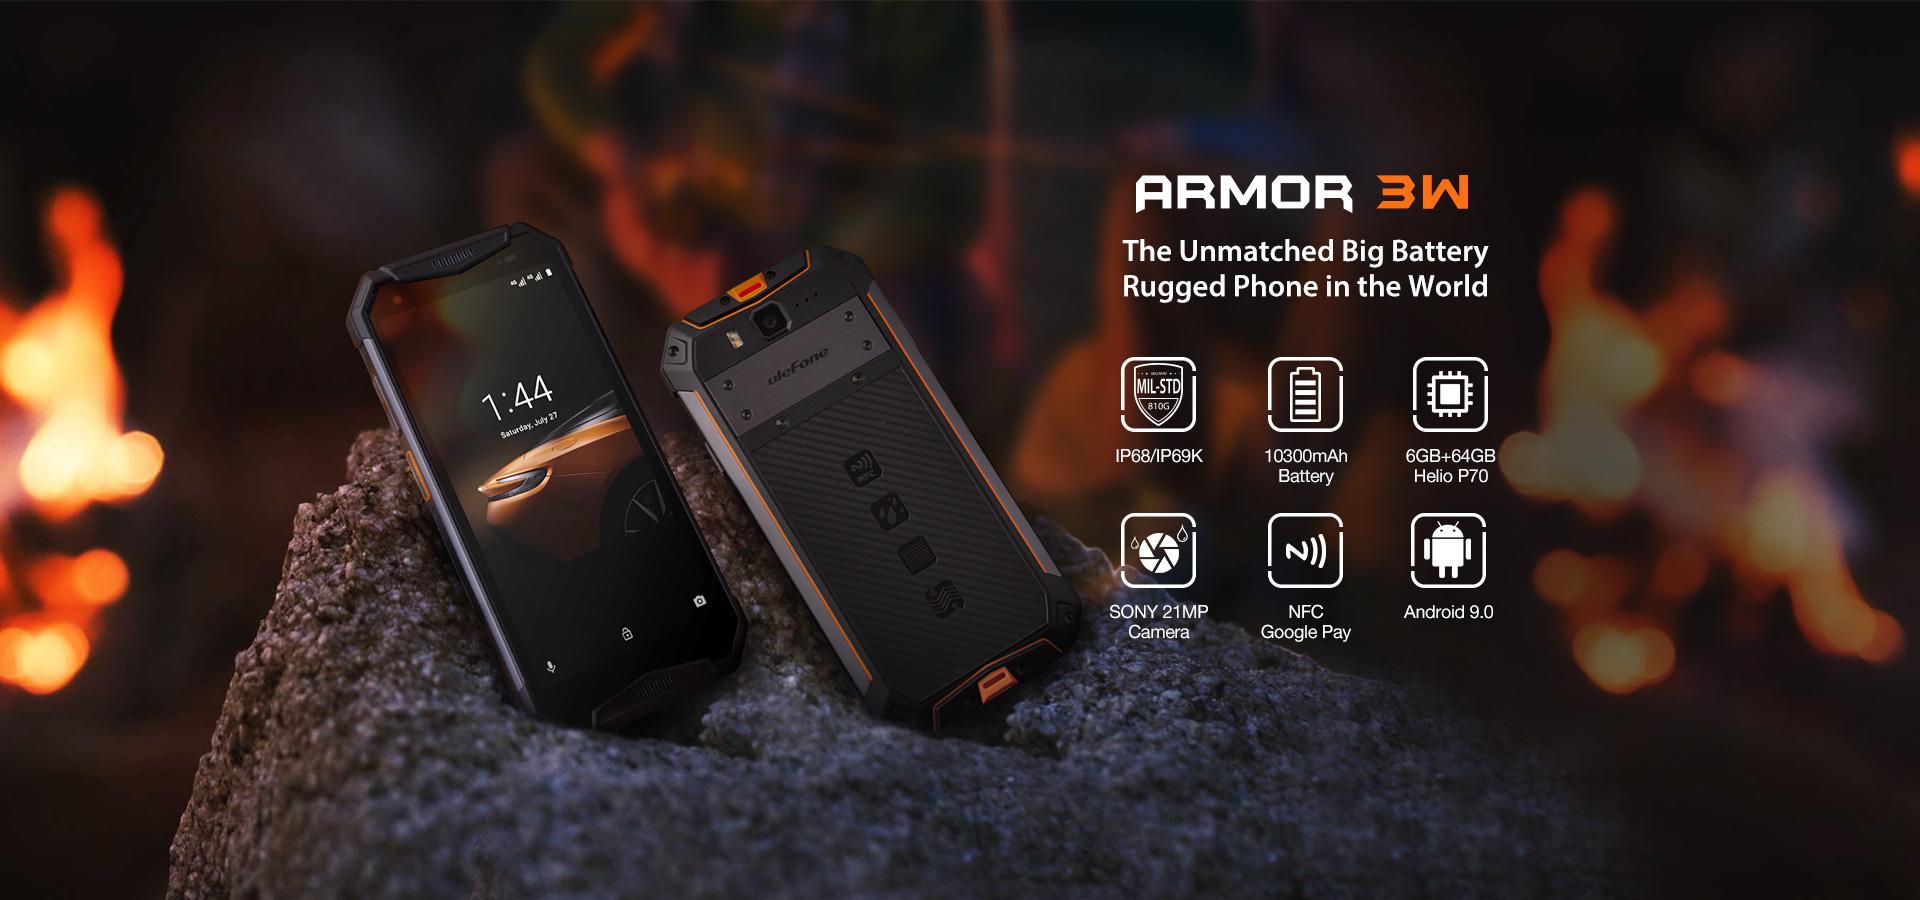 armor3w-bg-1